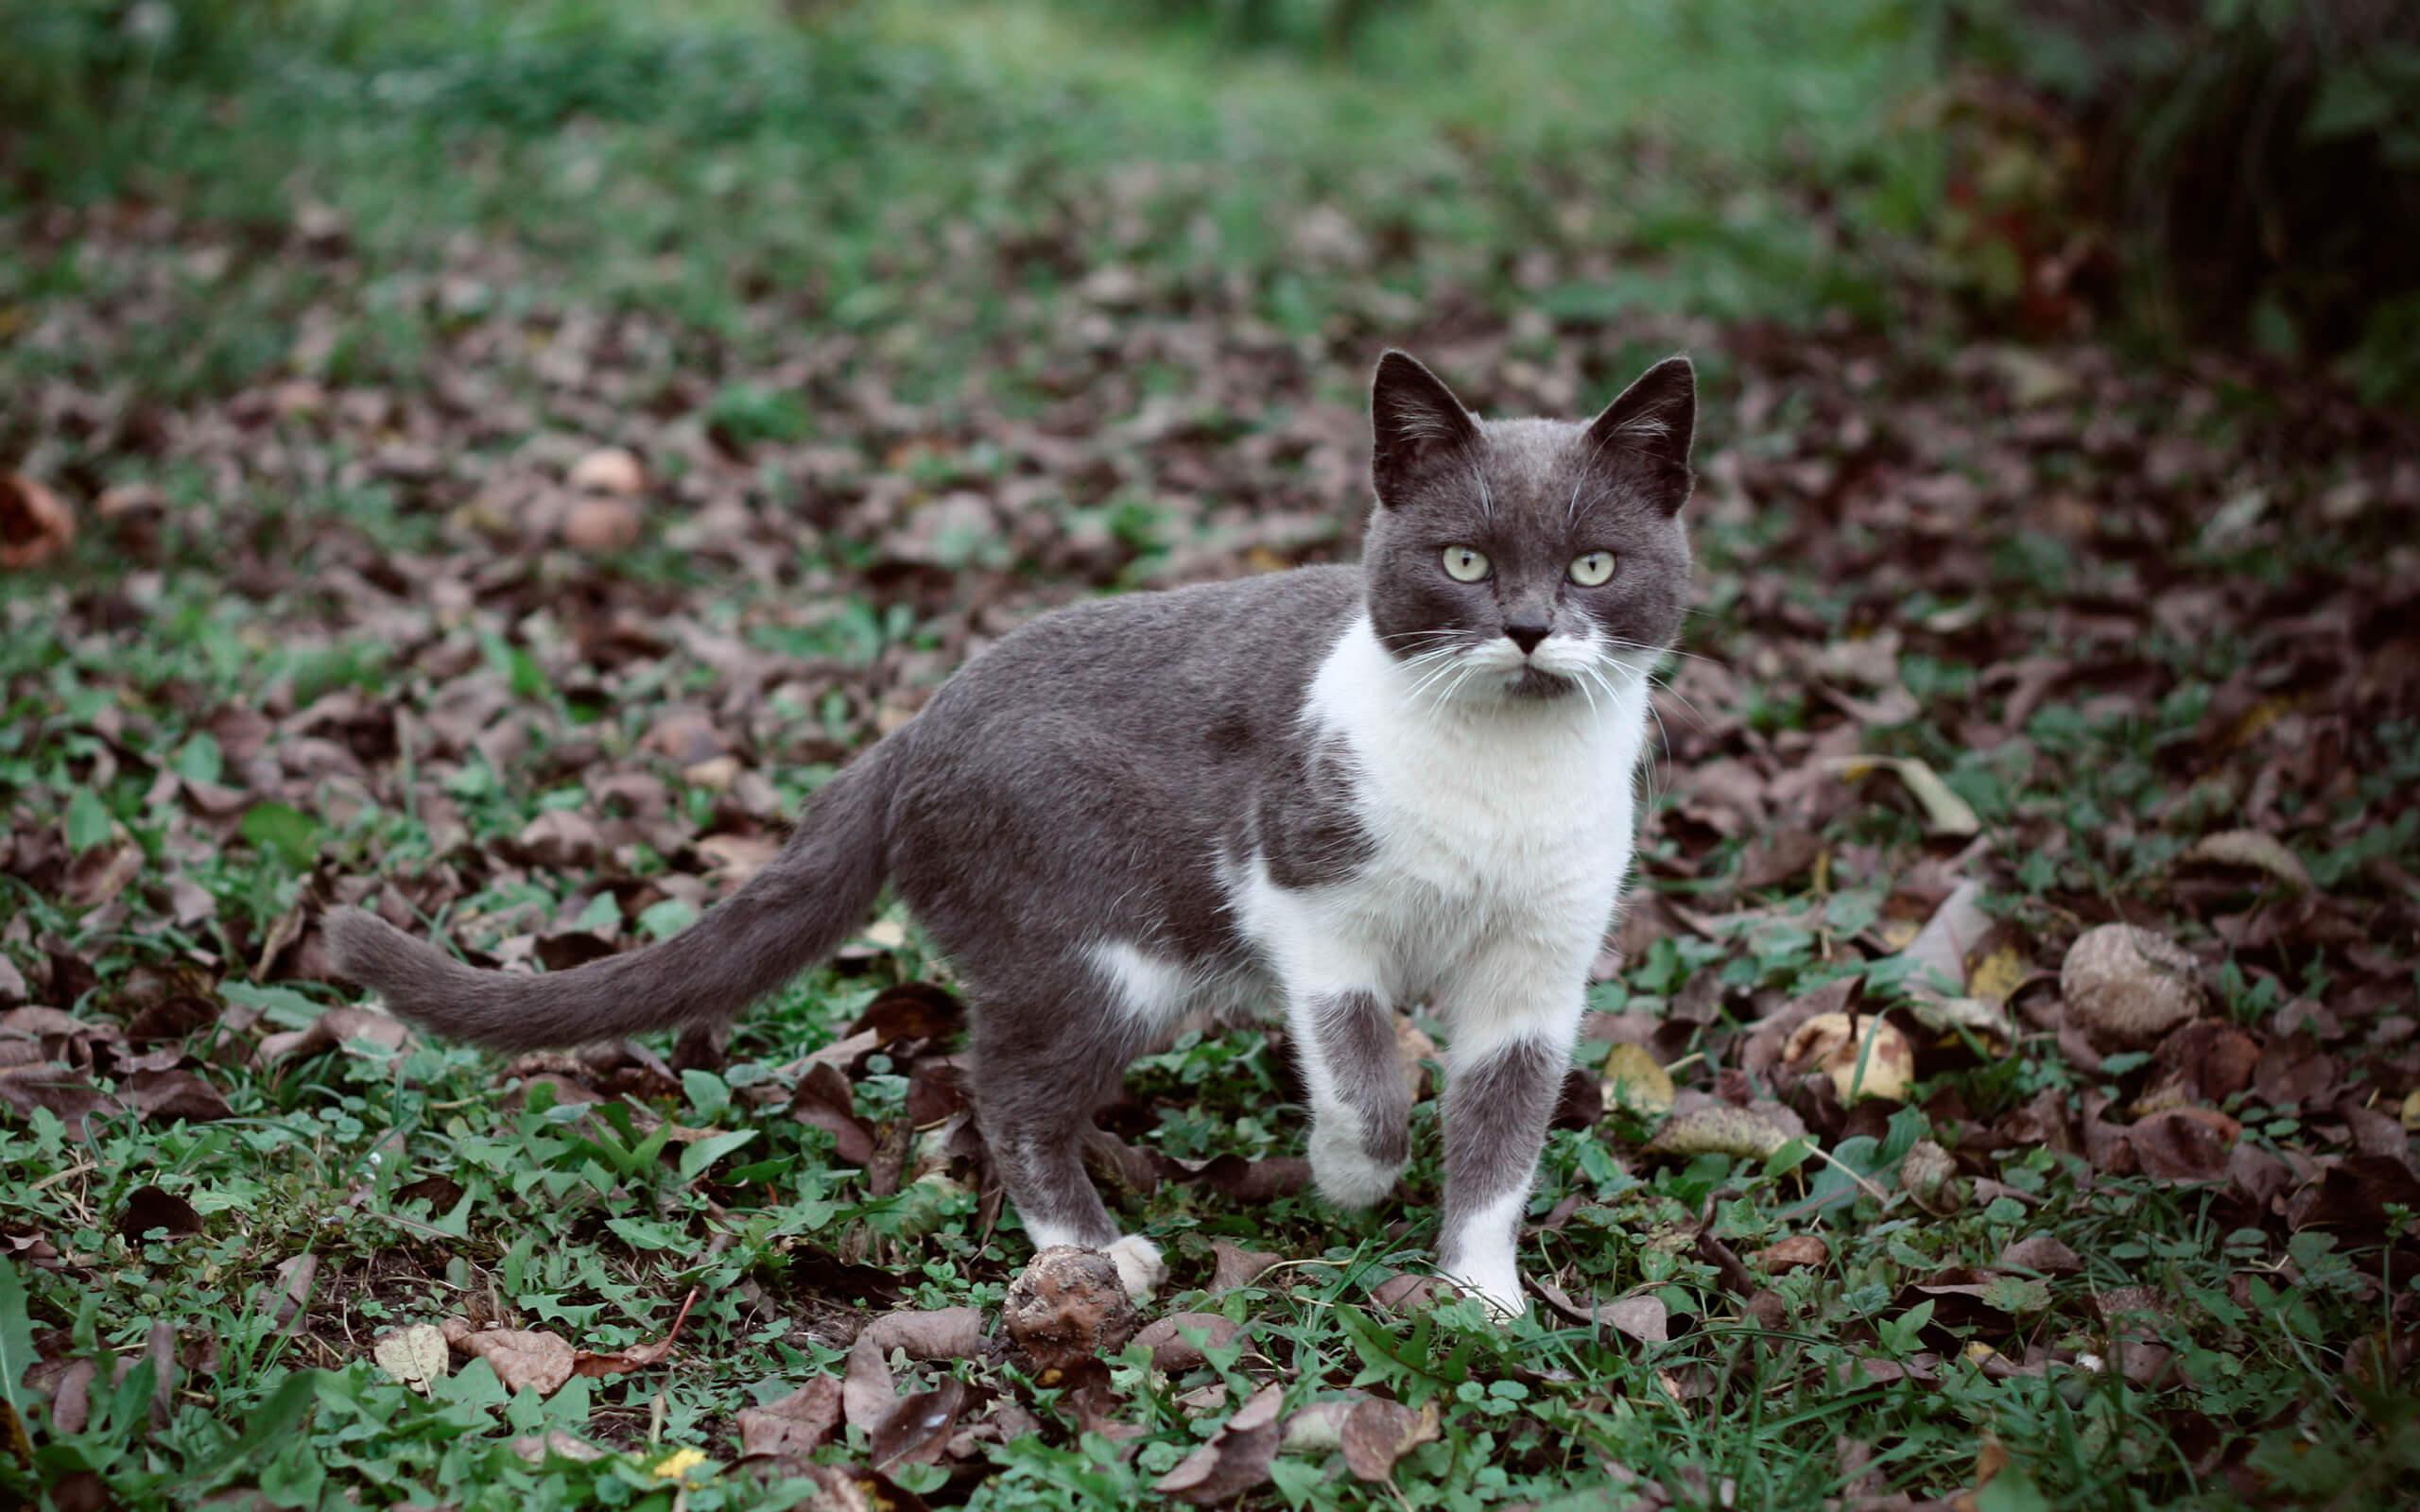 a cat sitting outside in a garden